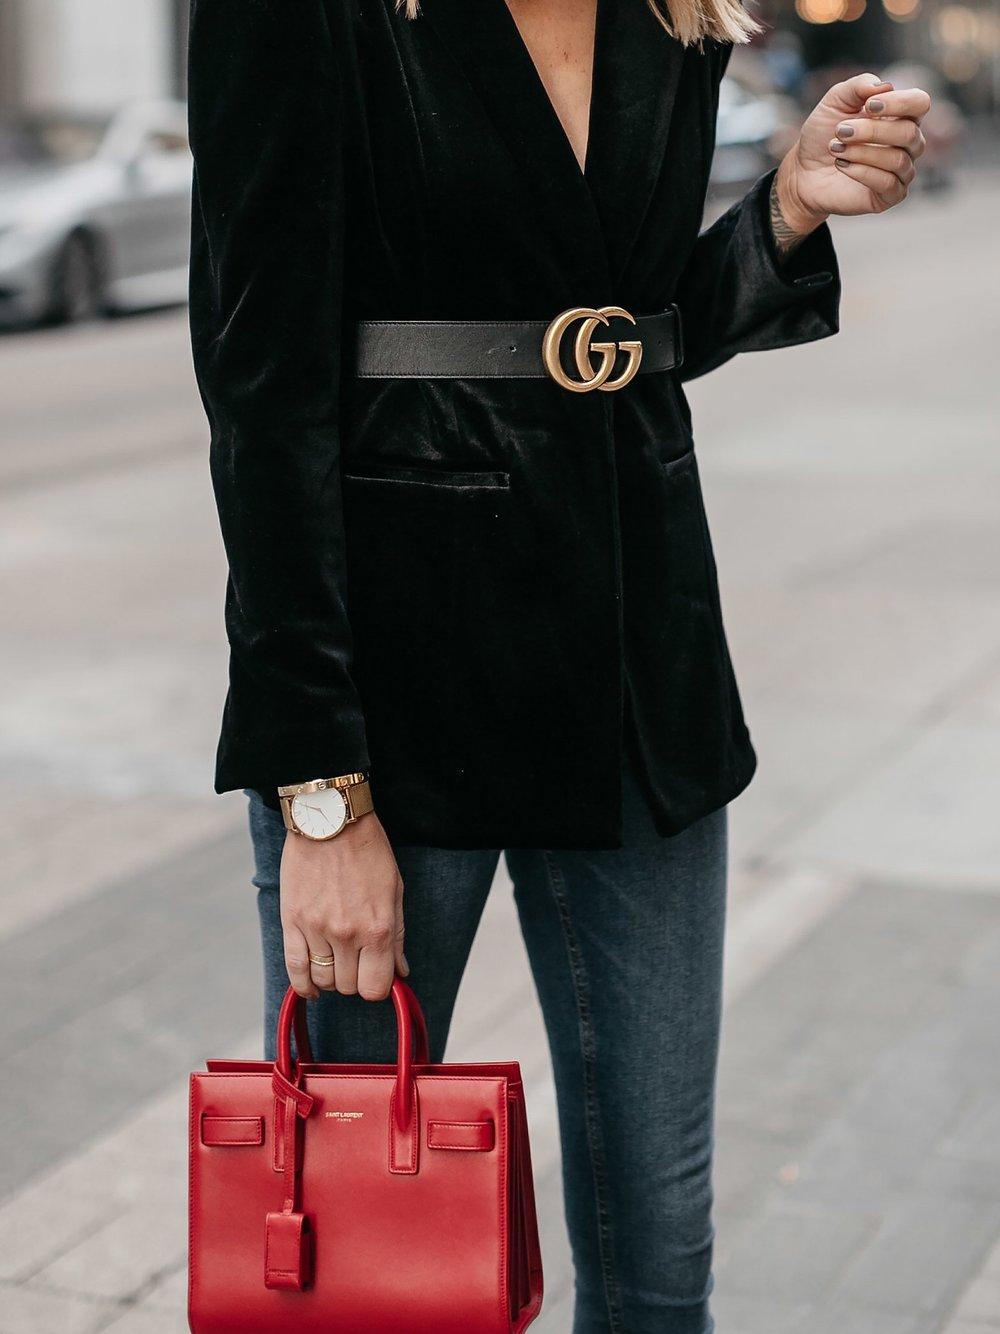 Fashion-Jackson-Black-Velvet-Blazer-Gucci-Marmont-Belt-Saint-Laurent-Red-Sac-De-Jour.jpg